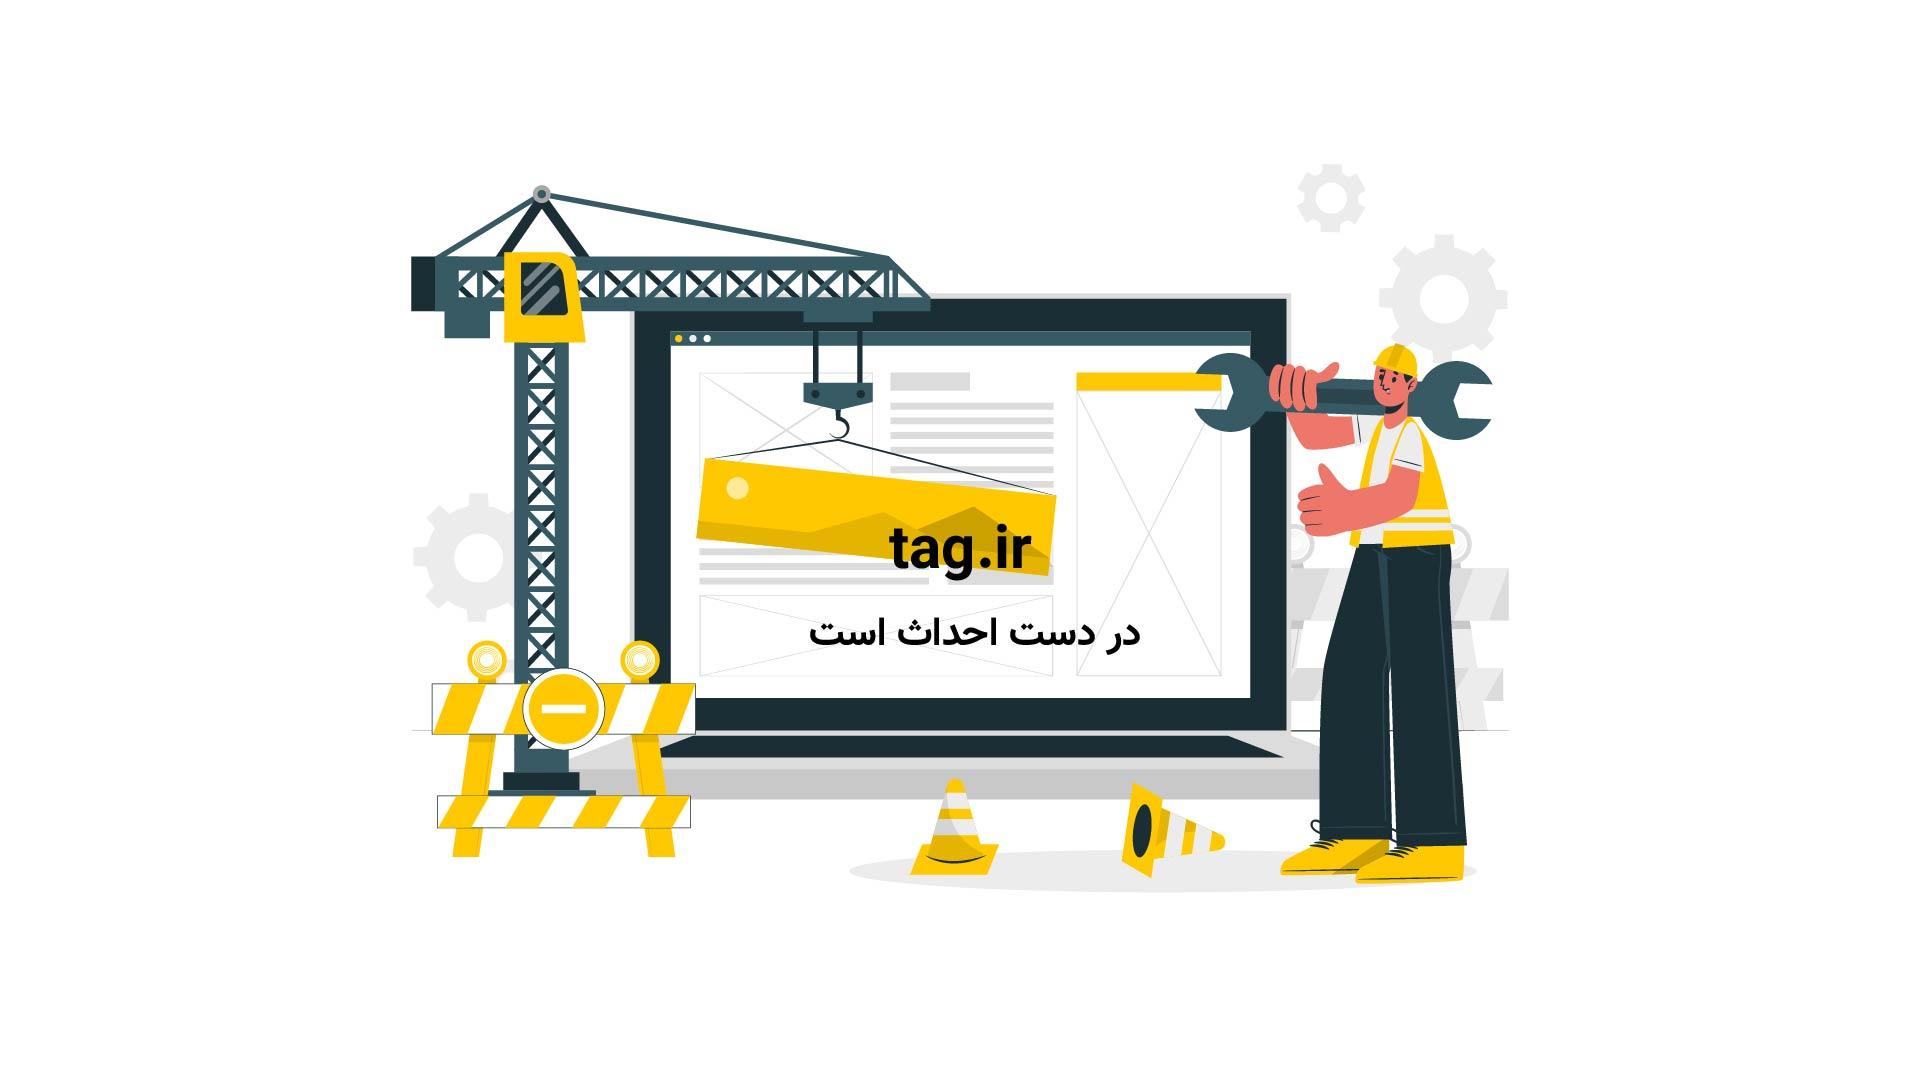 سخنرانی های تد؛ عملکرد مغز چگونه است |فیلم